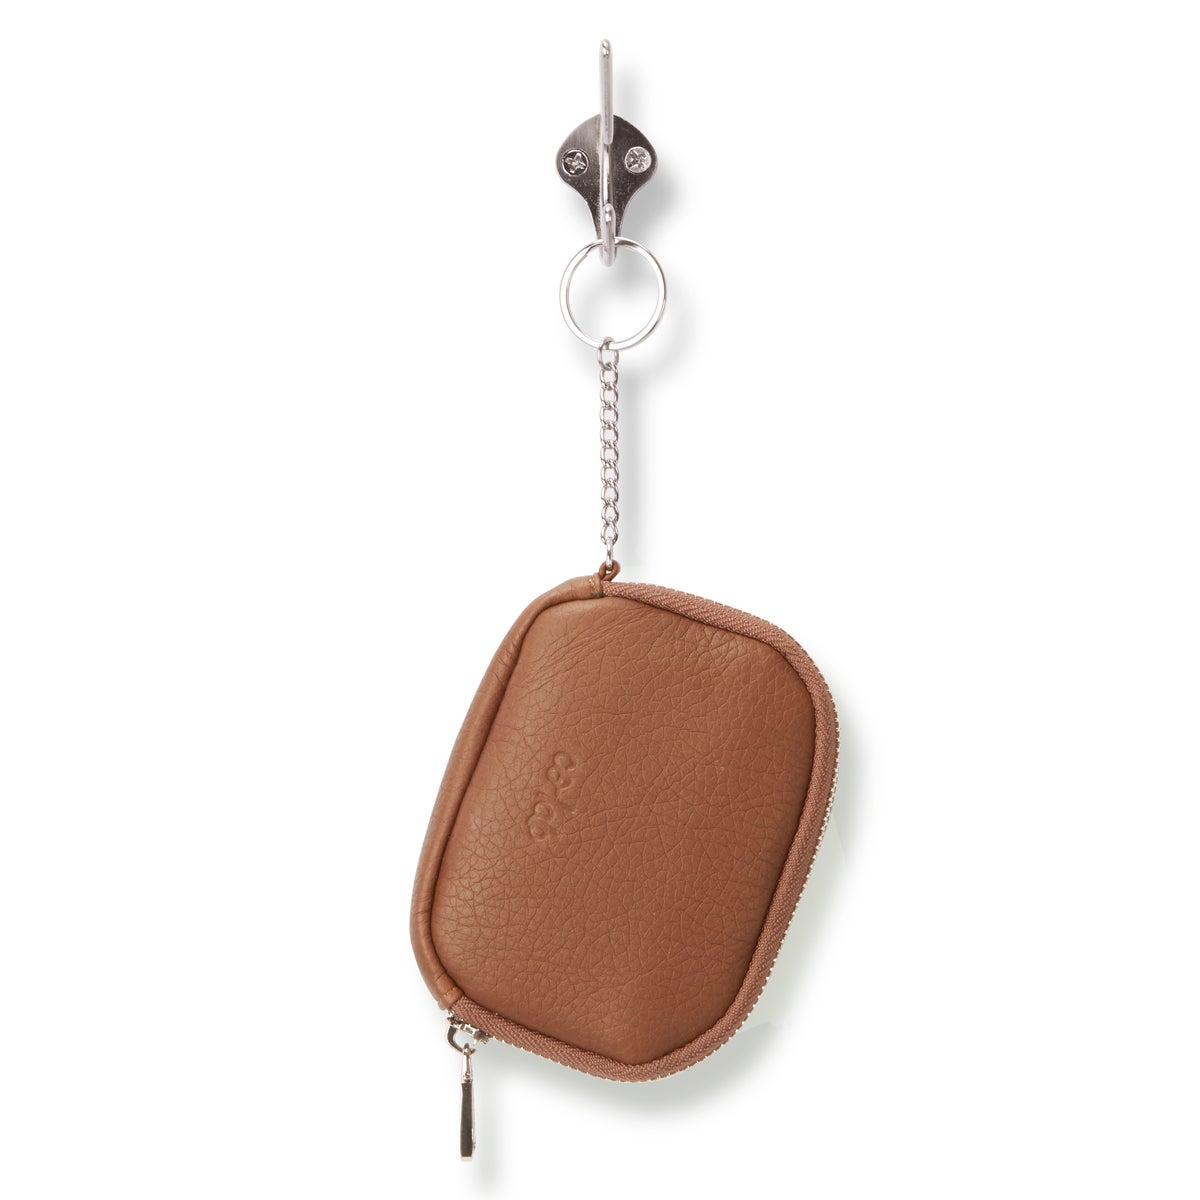 Lds cognac zip up wallet